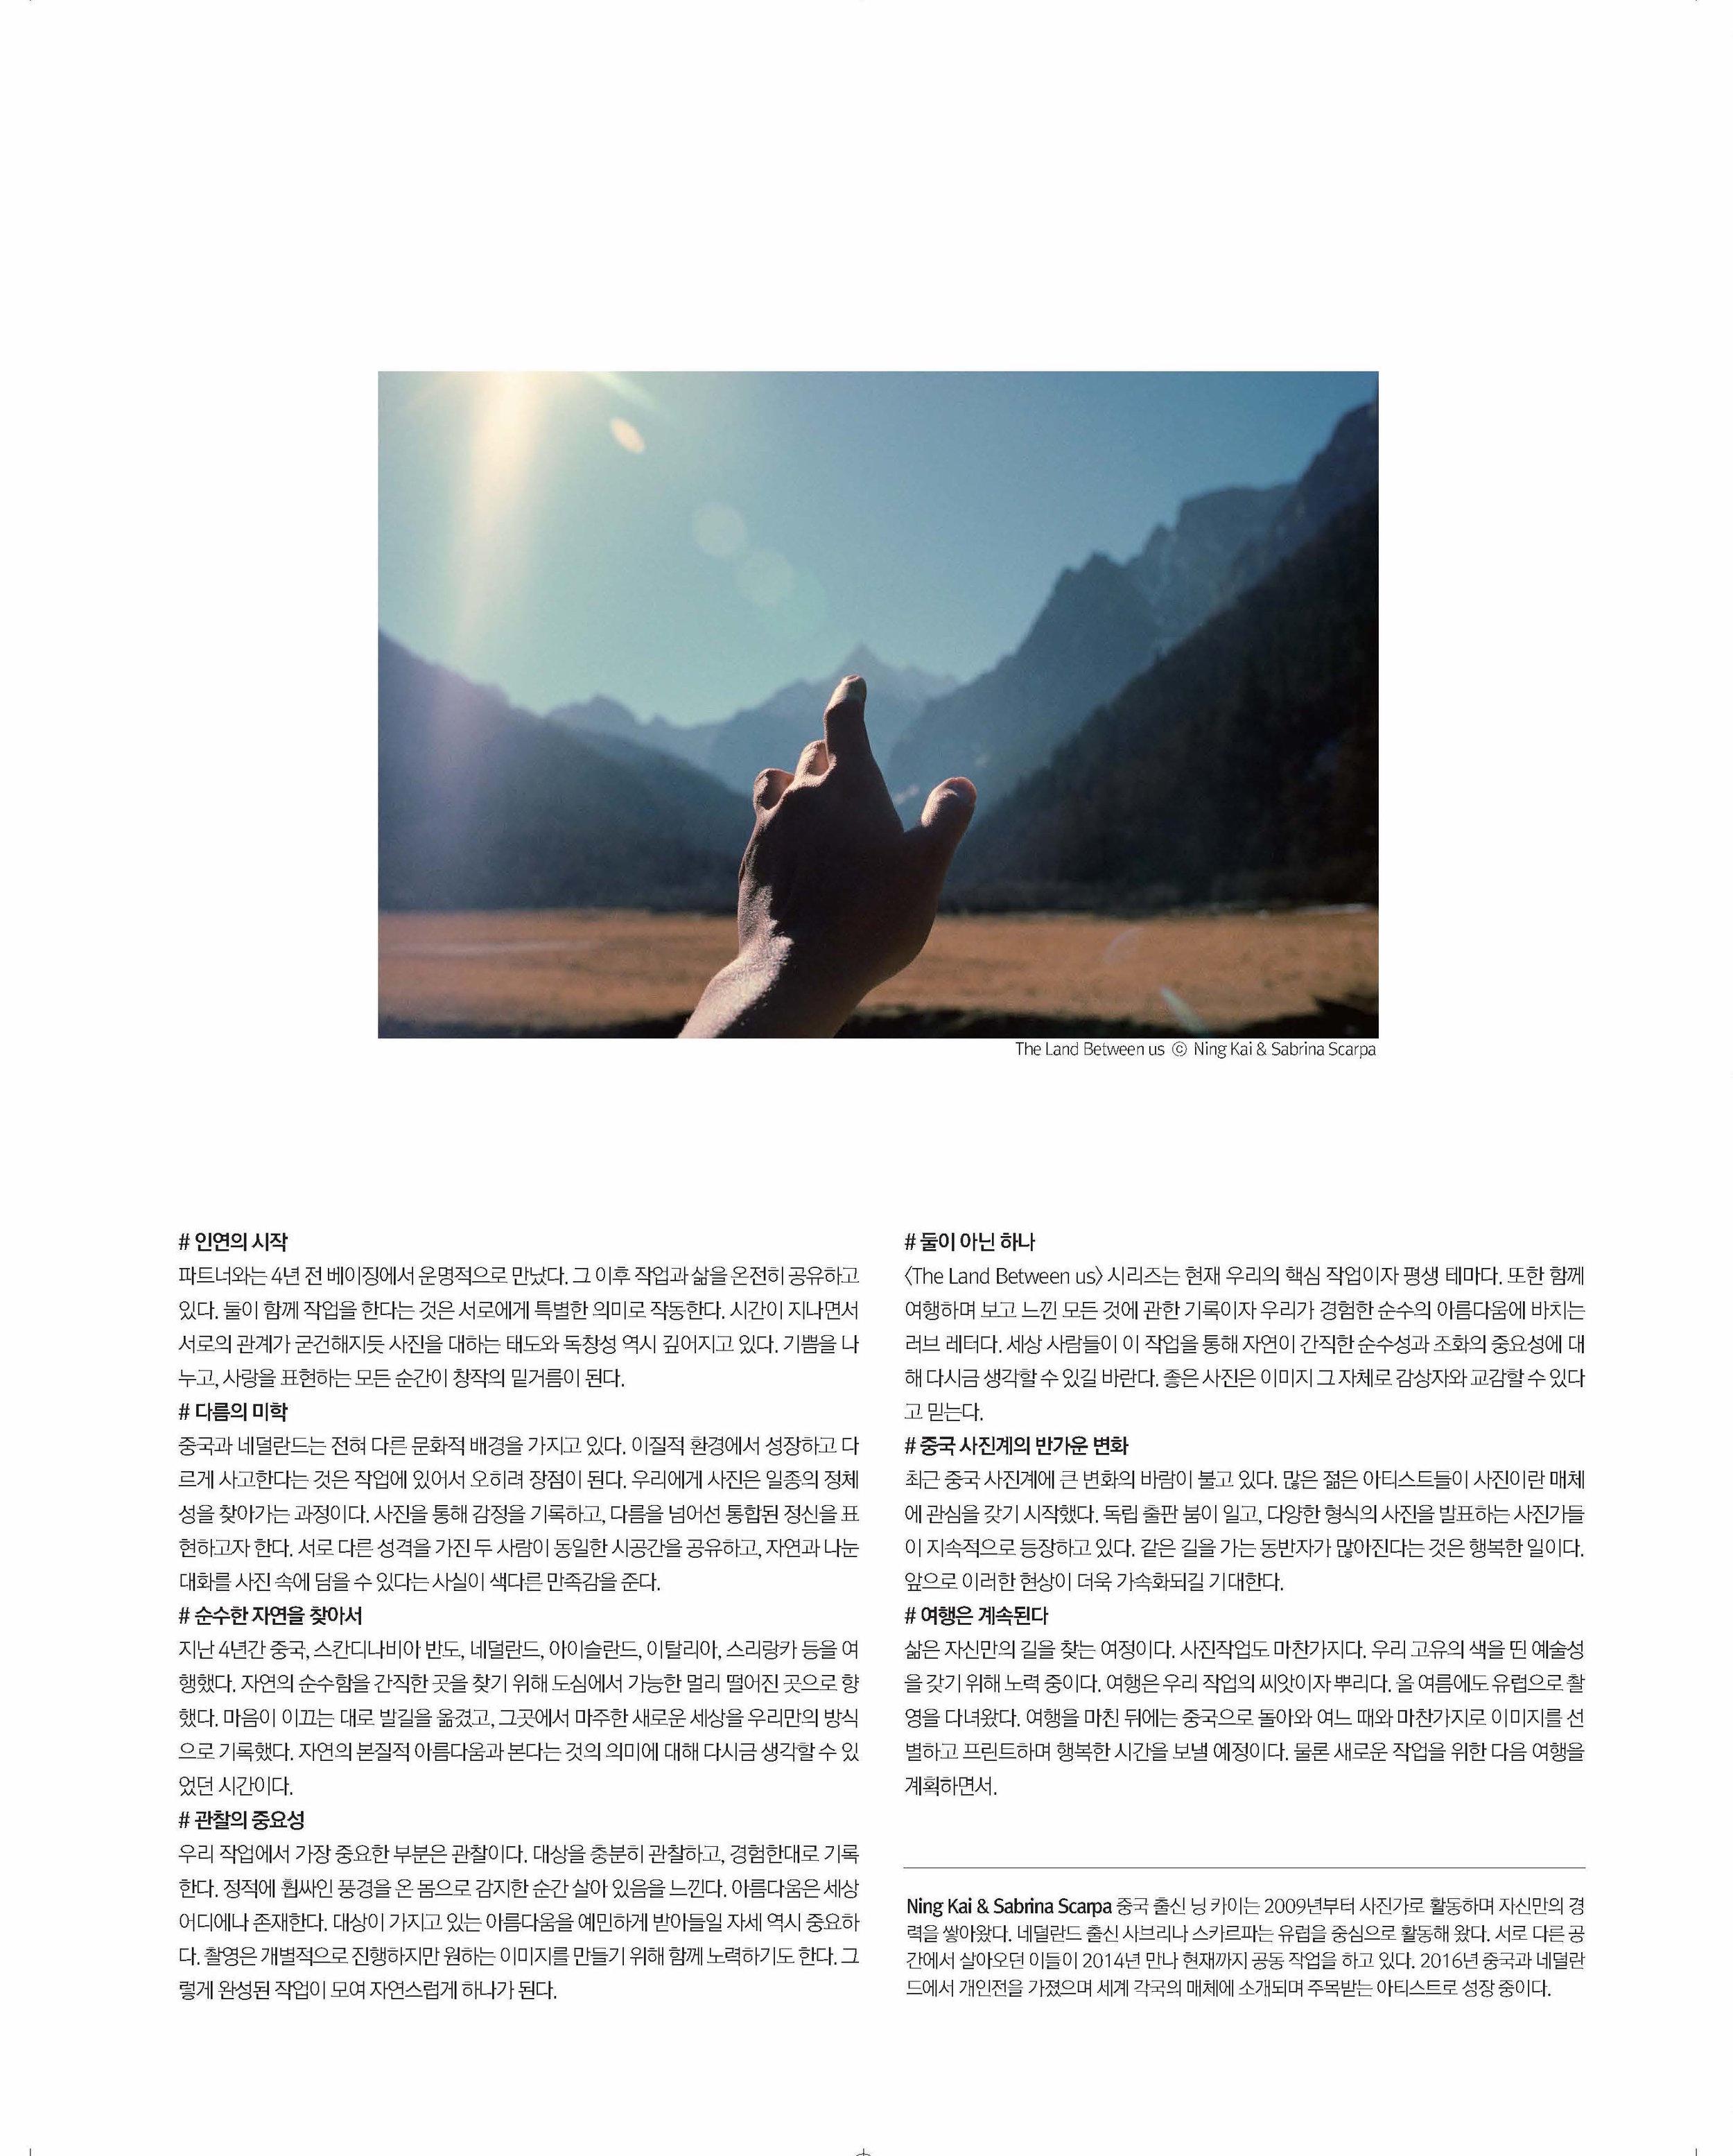 2017-monthly-magazine-korea-marine-cabos-photography-of-china-11.jpg